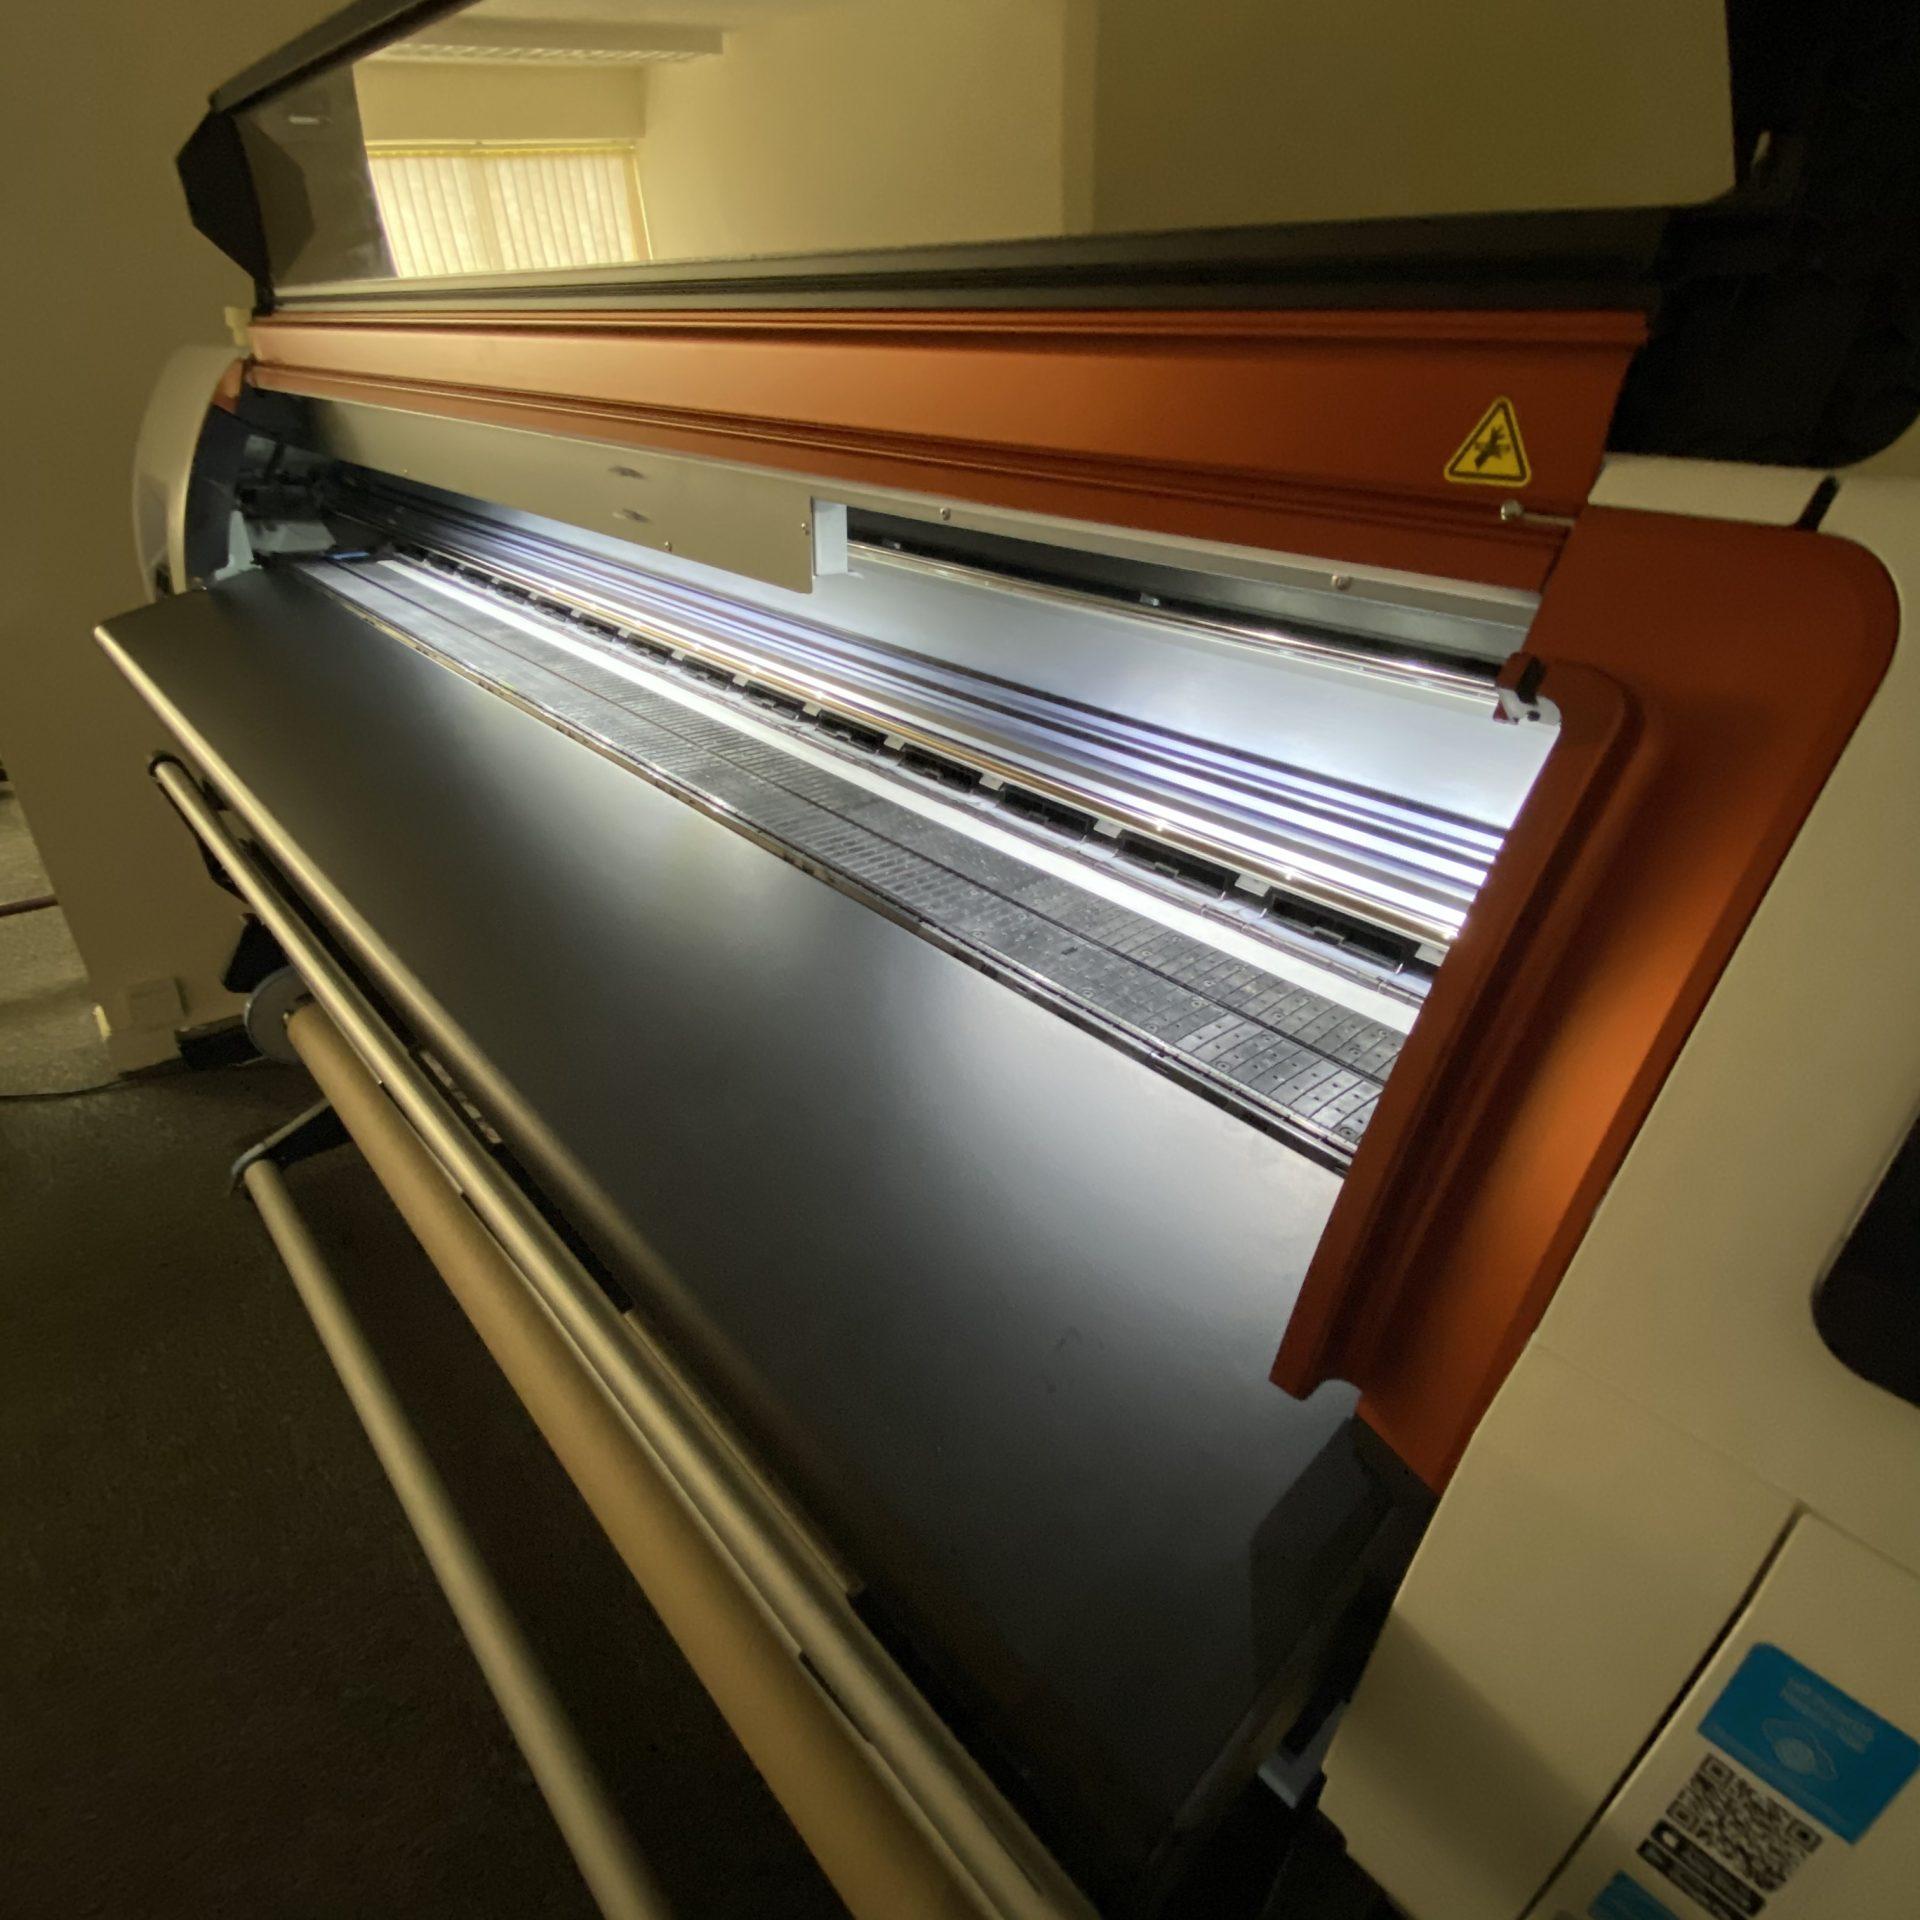 HP Stitch dye sublimation printer for textile merchandise